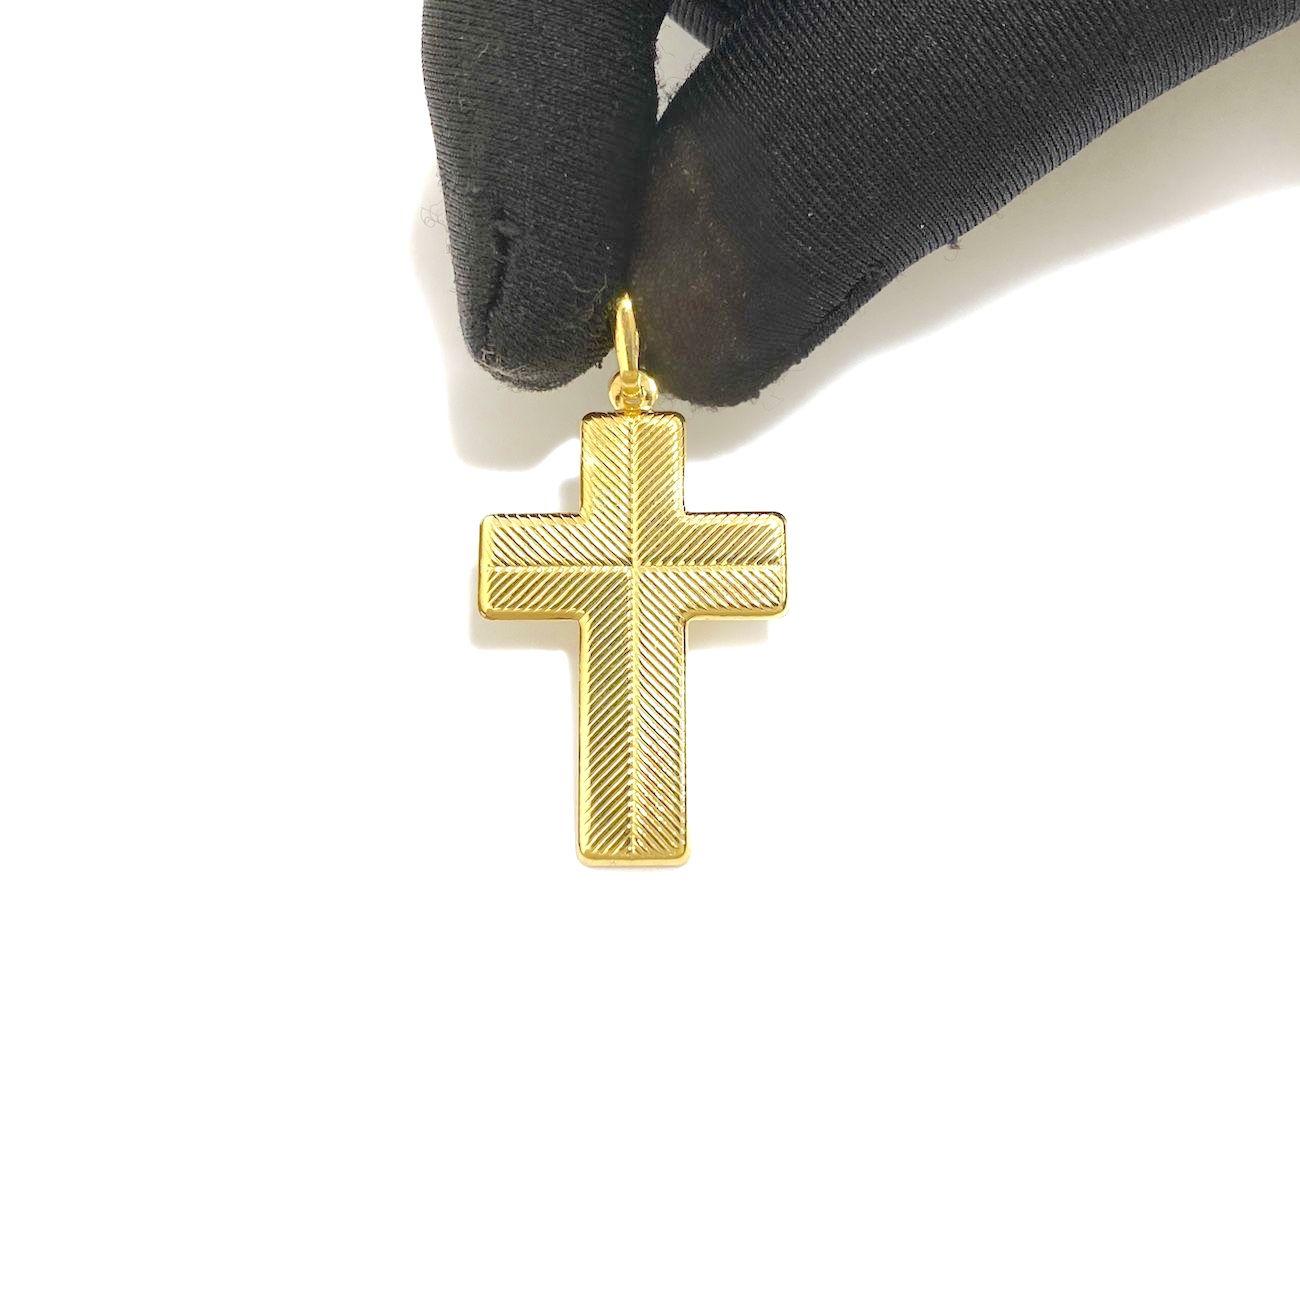 Pingente Crucifixo Duas Texturas (3cmX2cm) (Banho Ouro 24k)